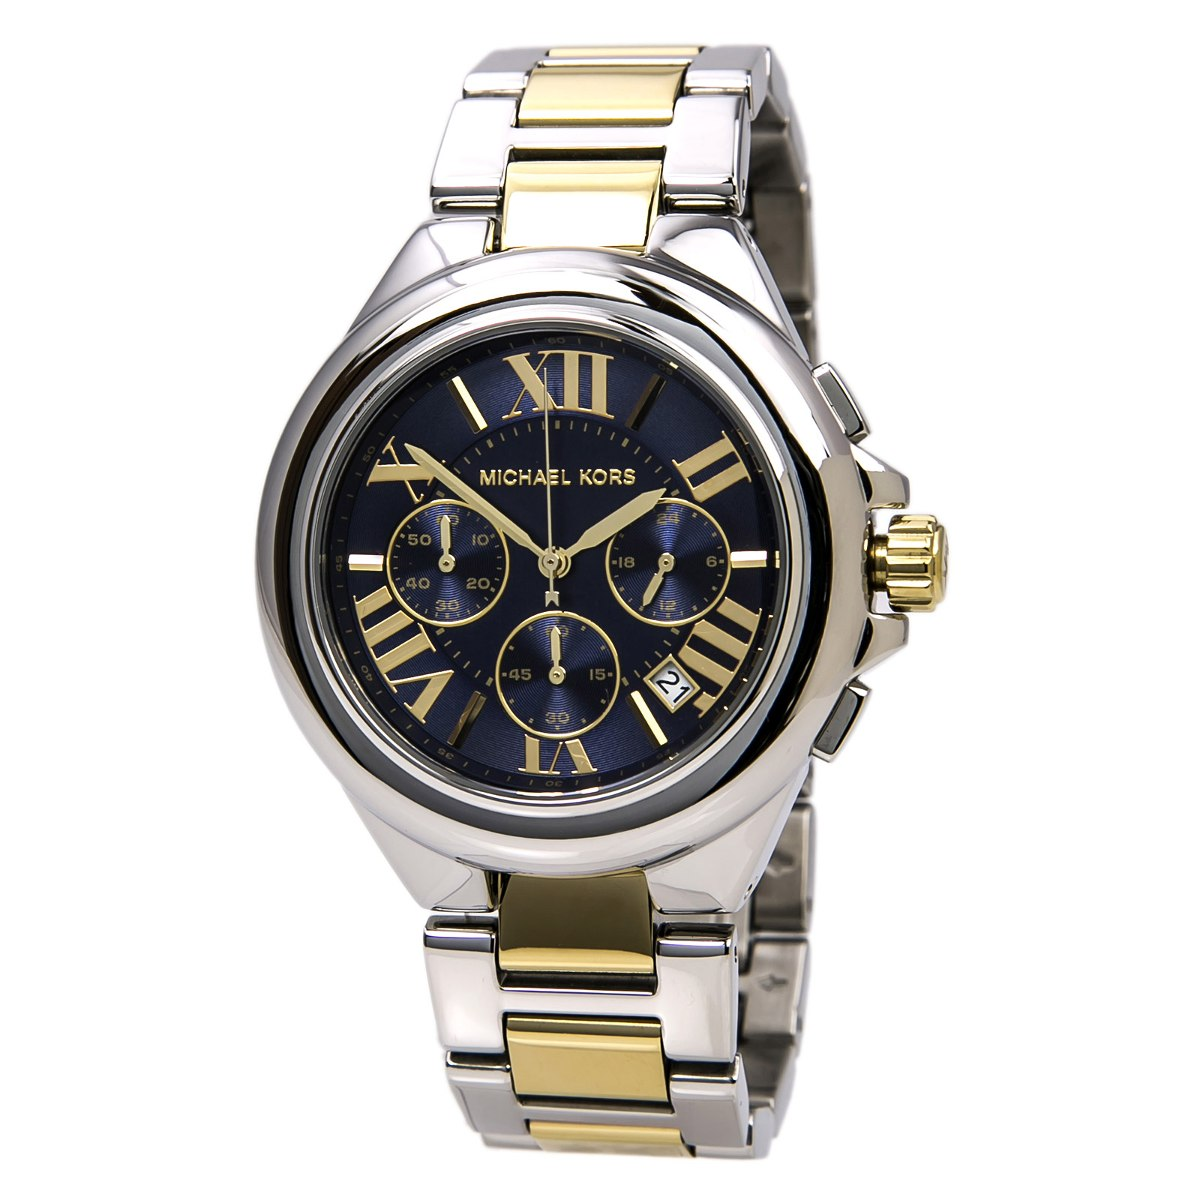 fb39c5dd8a53 Reloj Michael Kors Para Mujer Mk5758 Esfera Azul Y Pulsera -   824.550 en Mercado  Libre